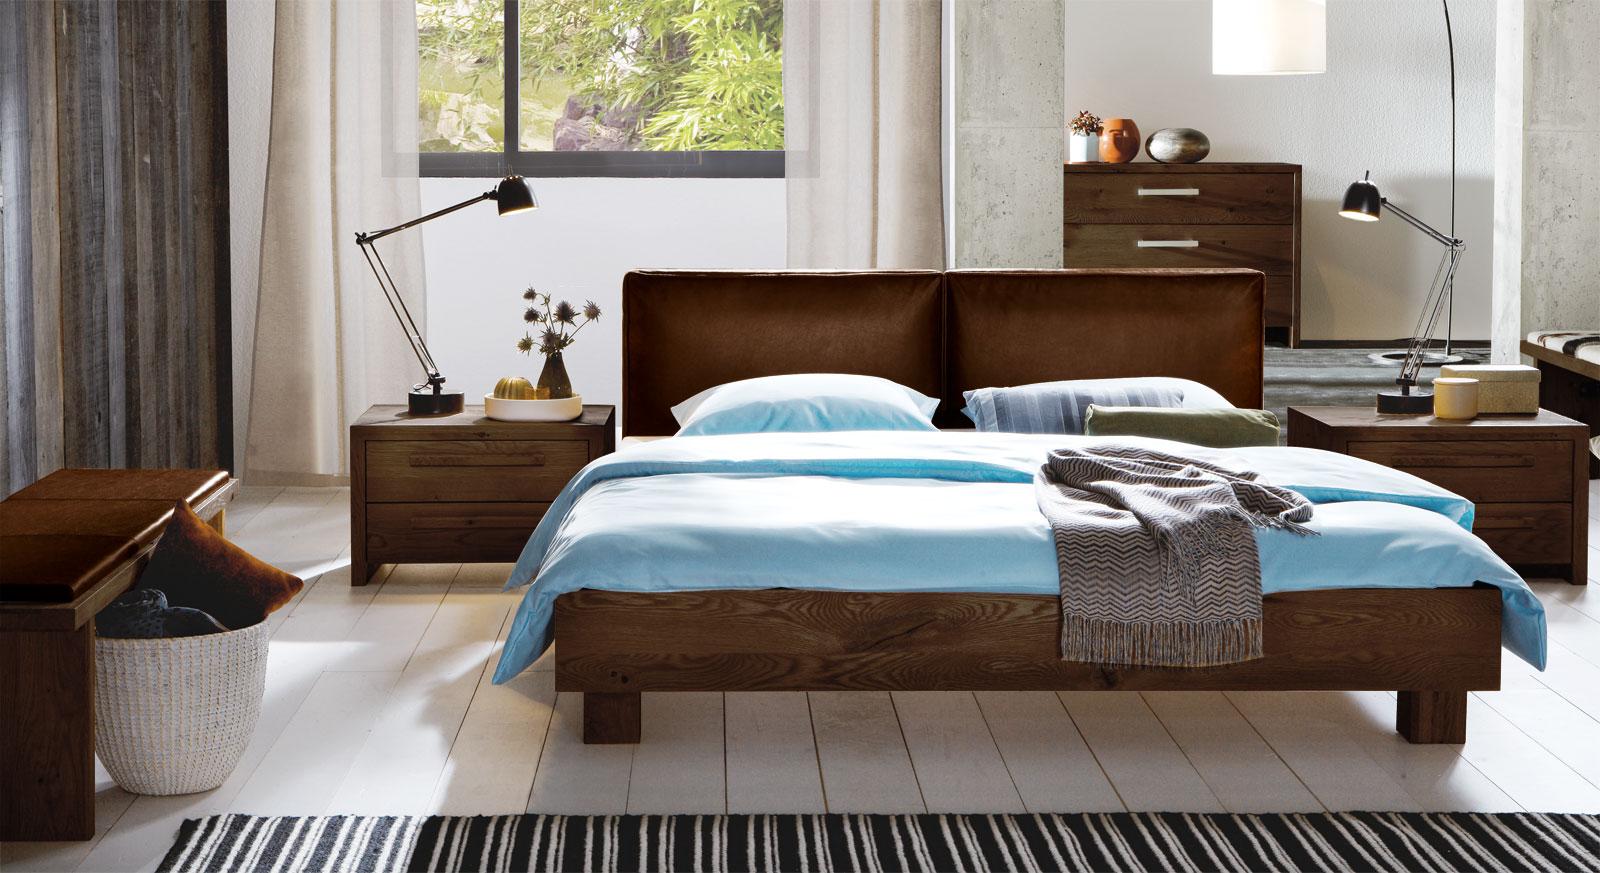 futonbett z b in 140x200 aus wildeiche mit lederkopfteil. Black Bedroom Furniture Sets. Home Design Ideas